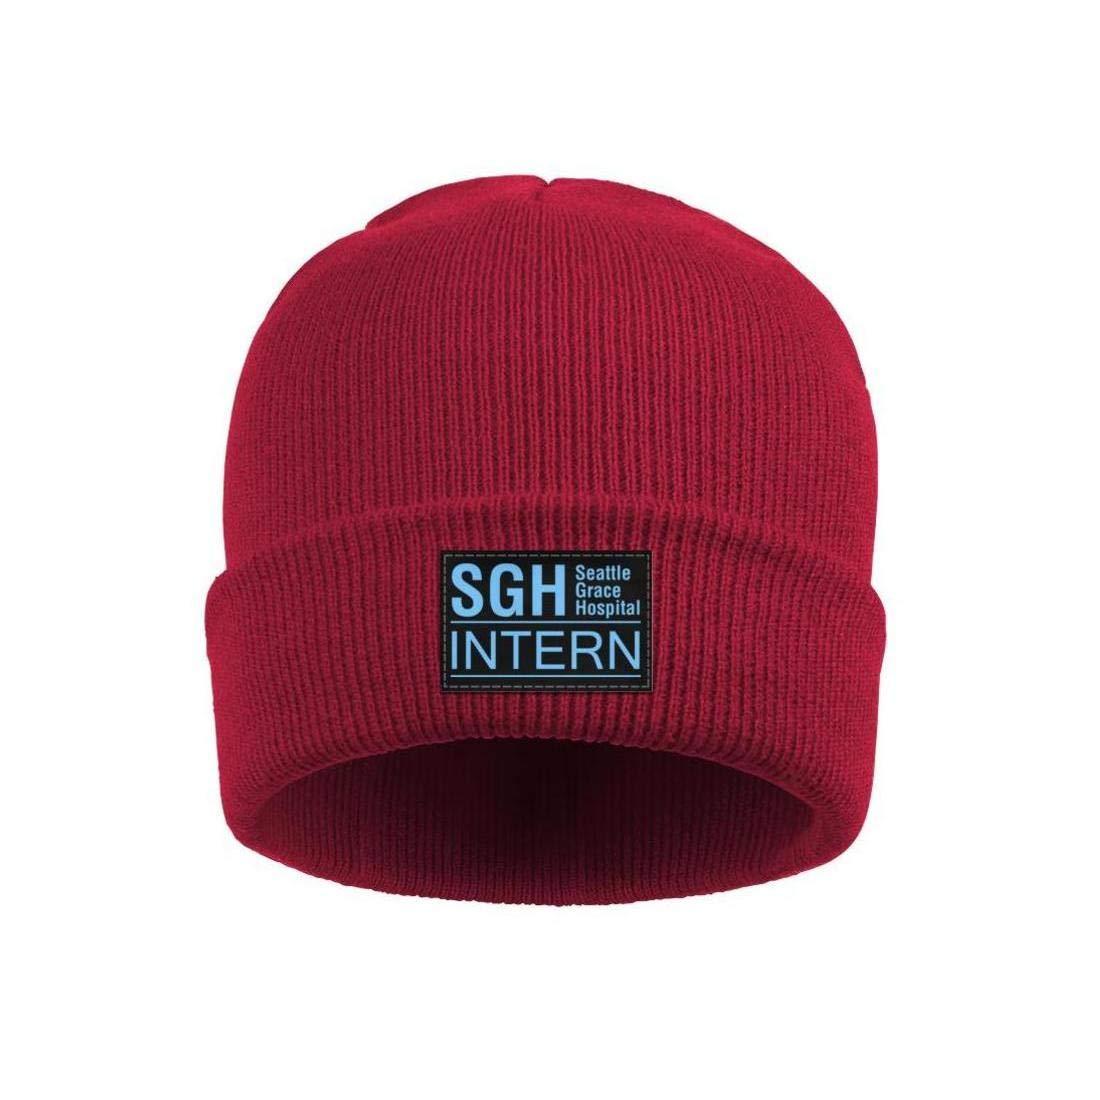 ONEYUAN Seattle Grace Intern Hospital Unisex Knit Hat Warm Woolen Sport Skull Cap Outdoor